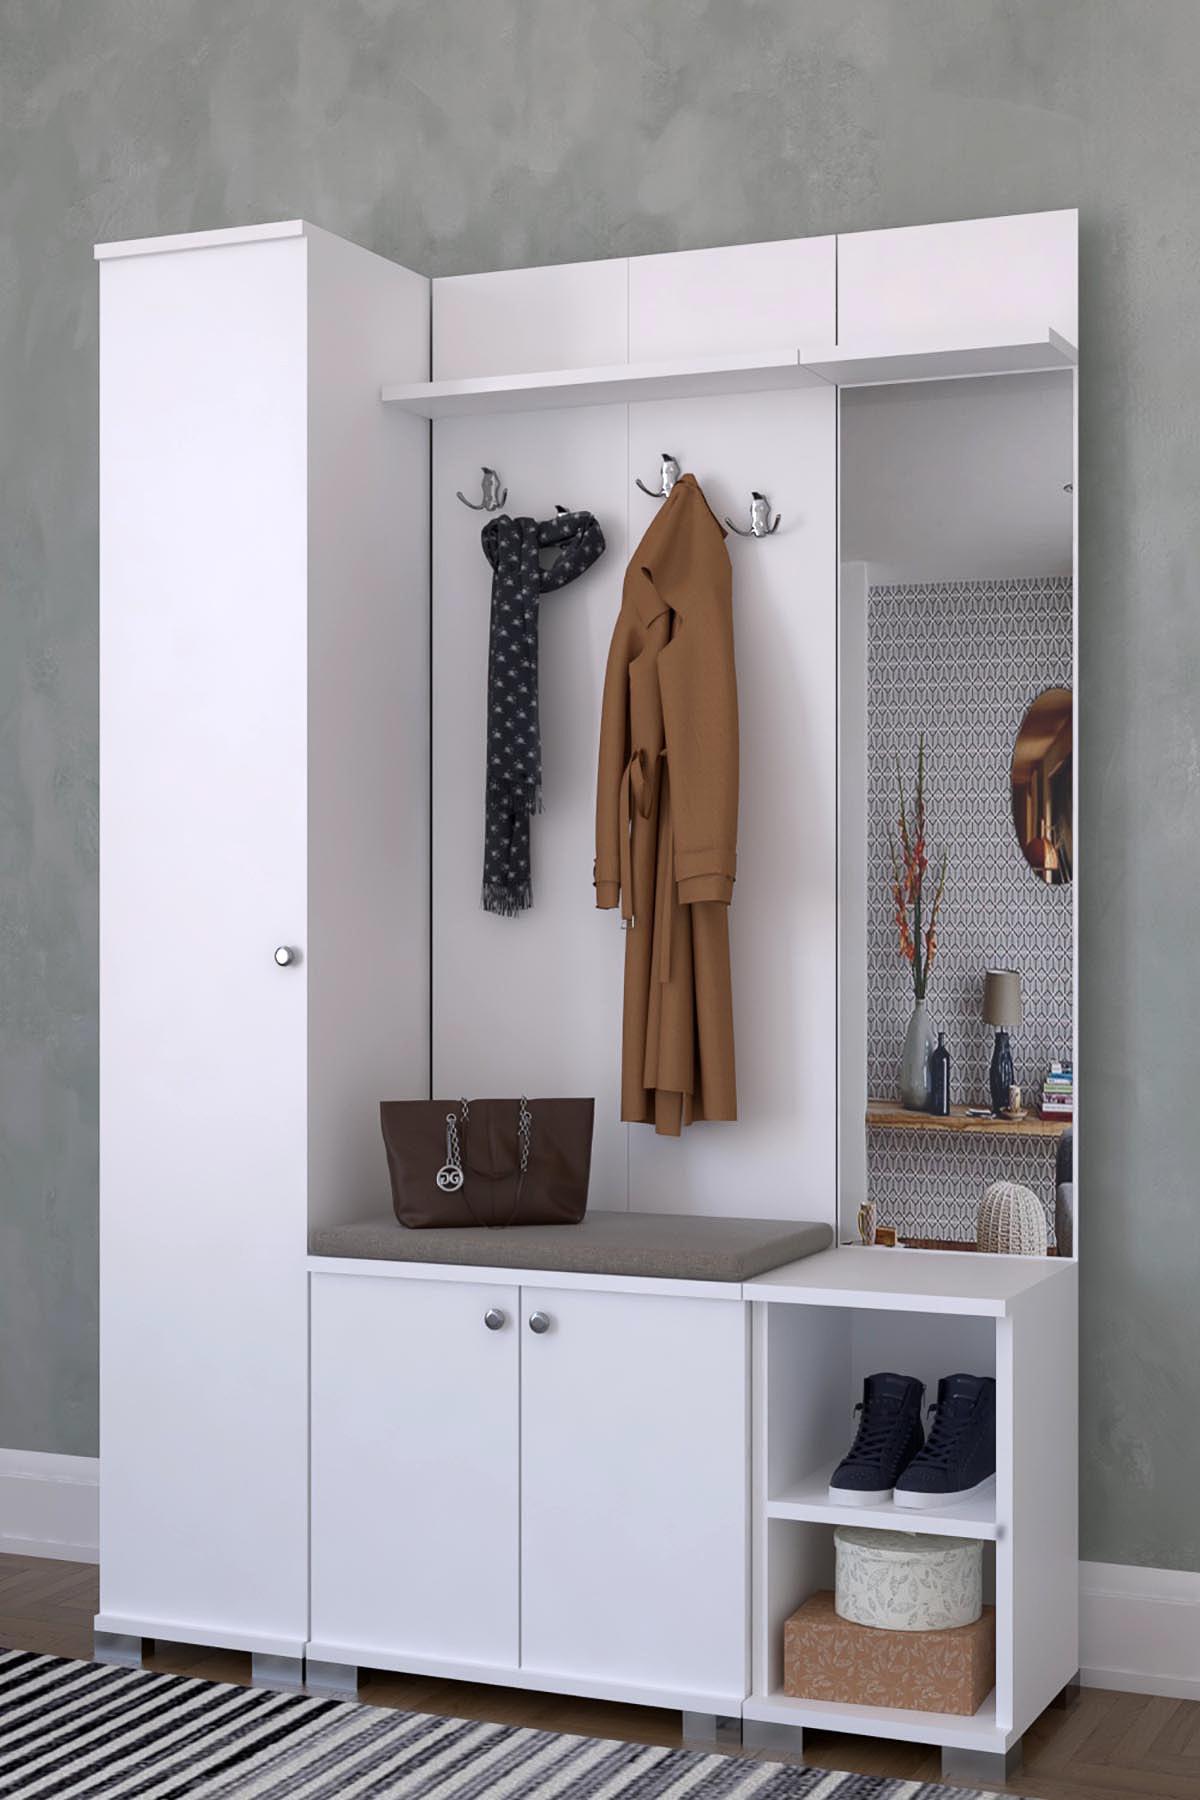 Aynalı 3 Kapaklı Portmanto Takımı, Askılık, Vestiyer Beyaz